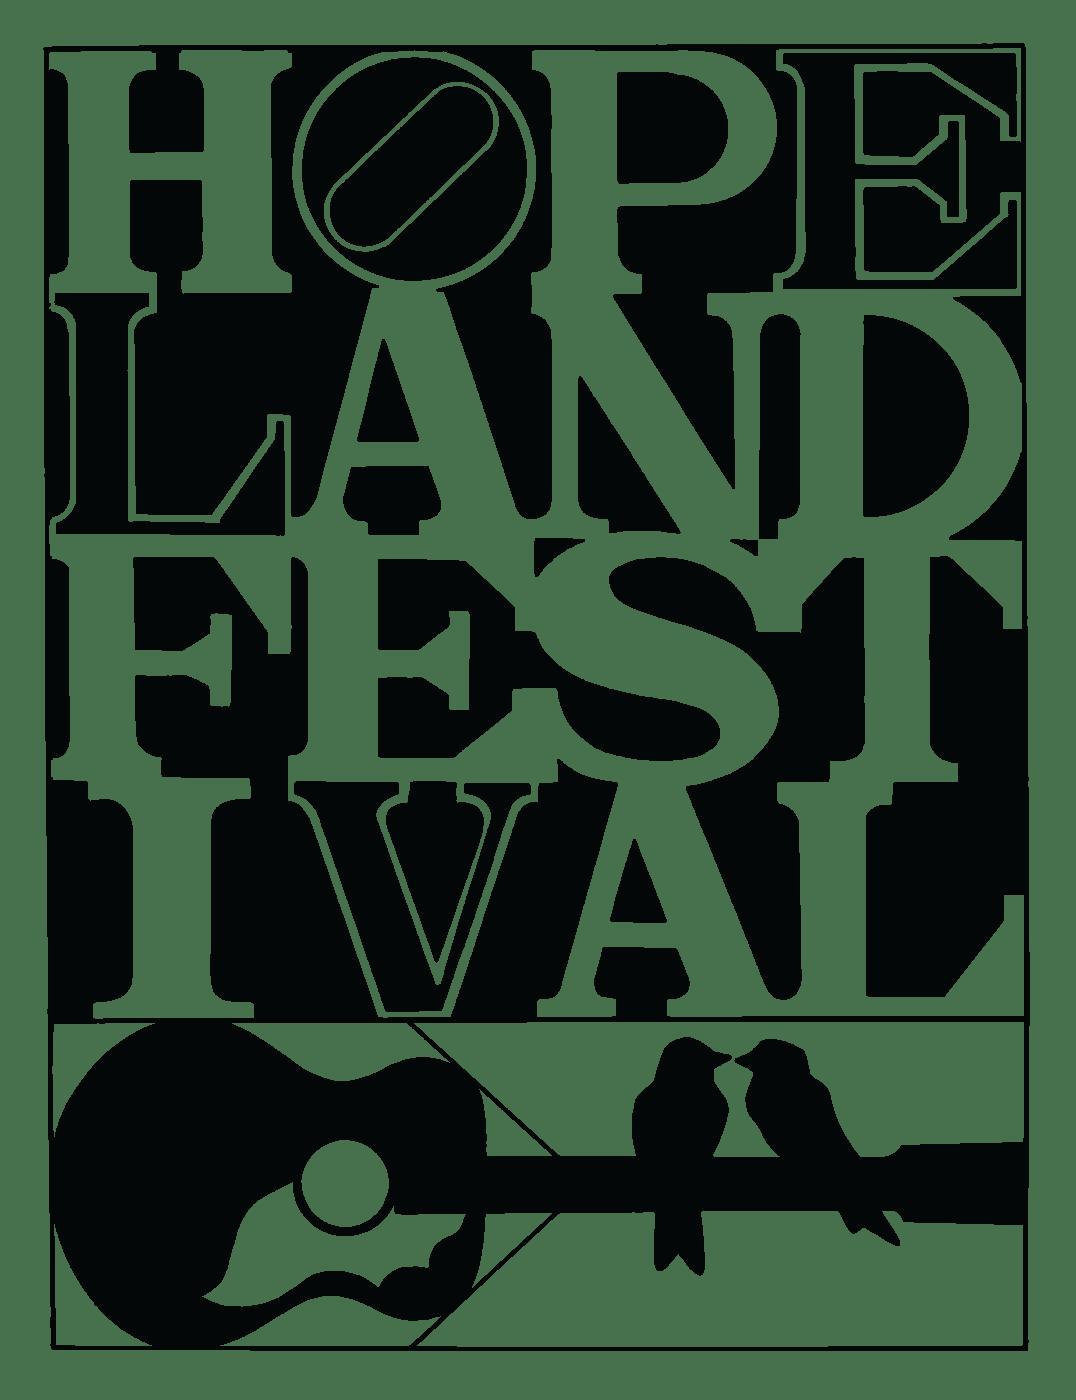 hopeland poster variant